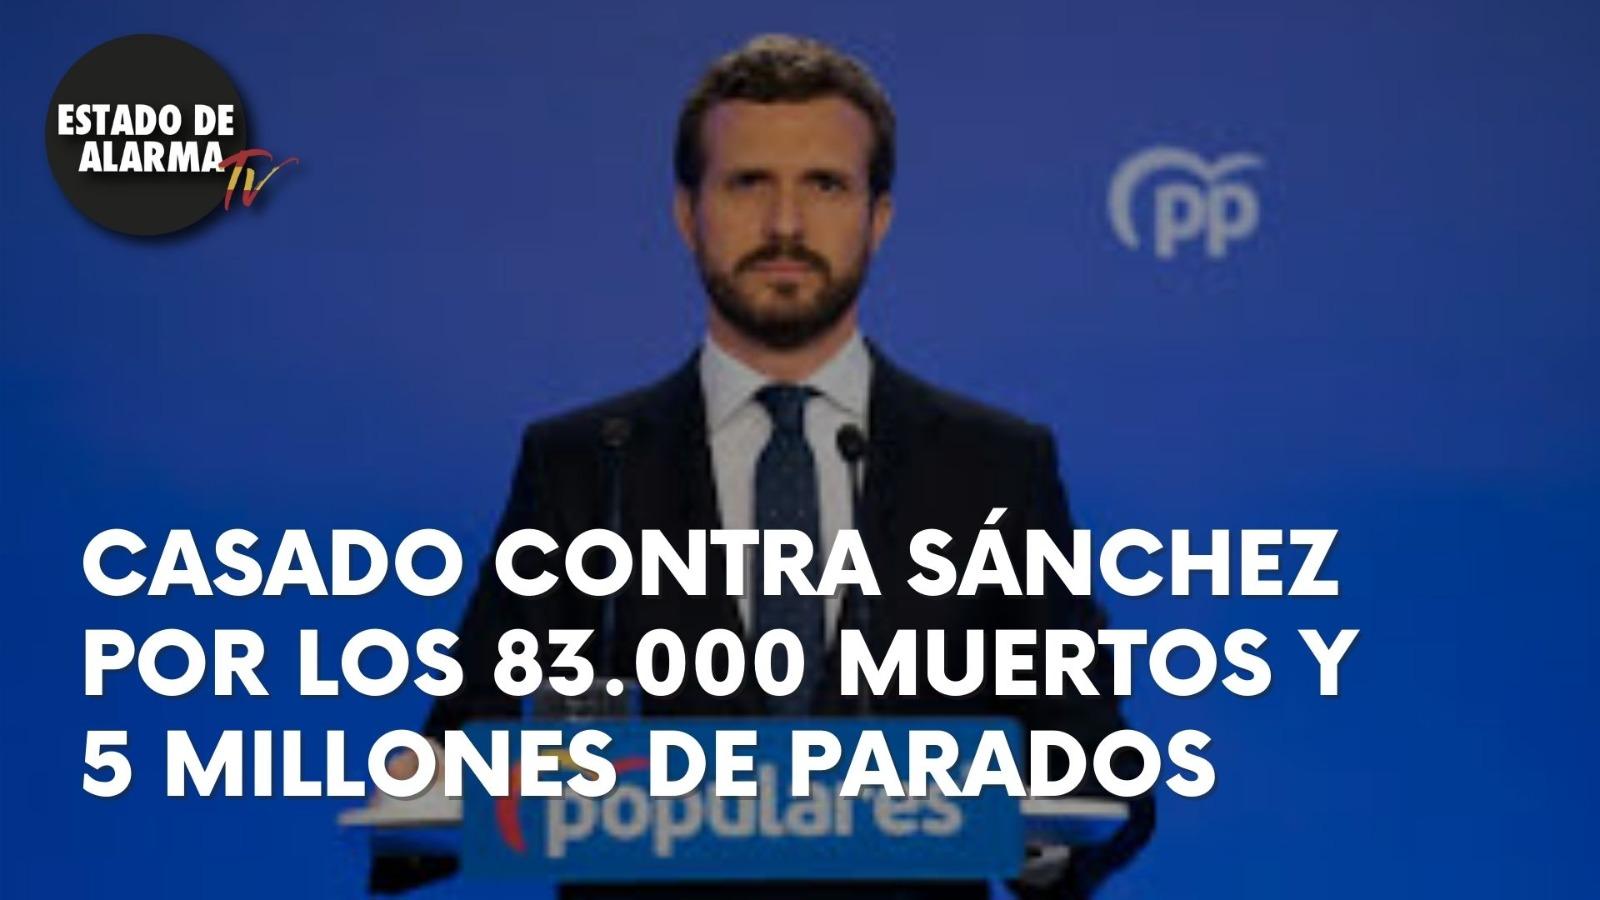 CASADO CONTRA SÁNCHEZ por los 83.000 MUERTOS y 5 MILLONES de PARADOS